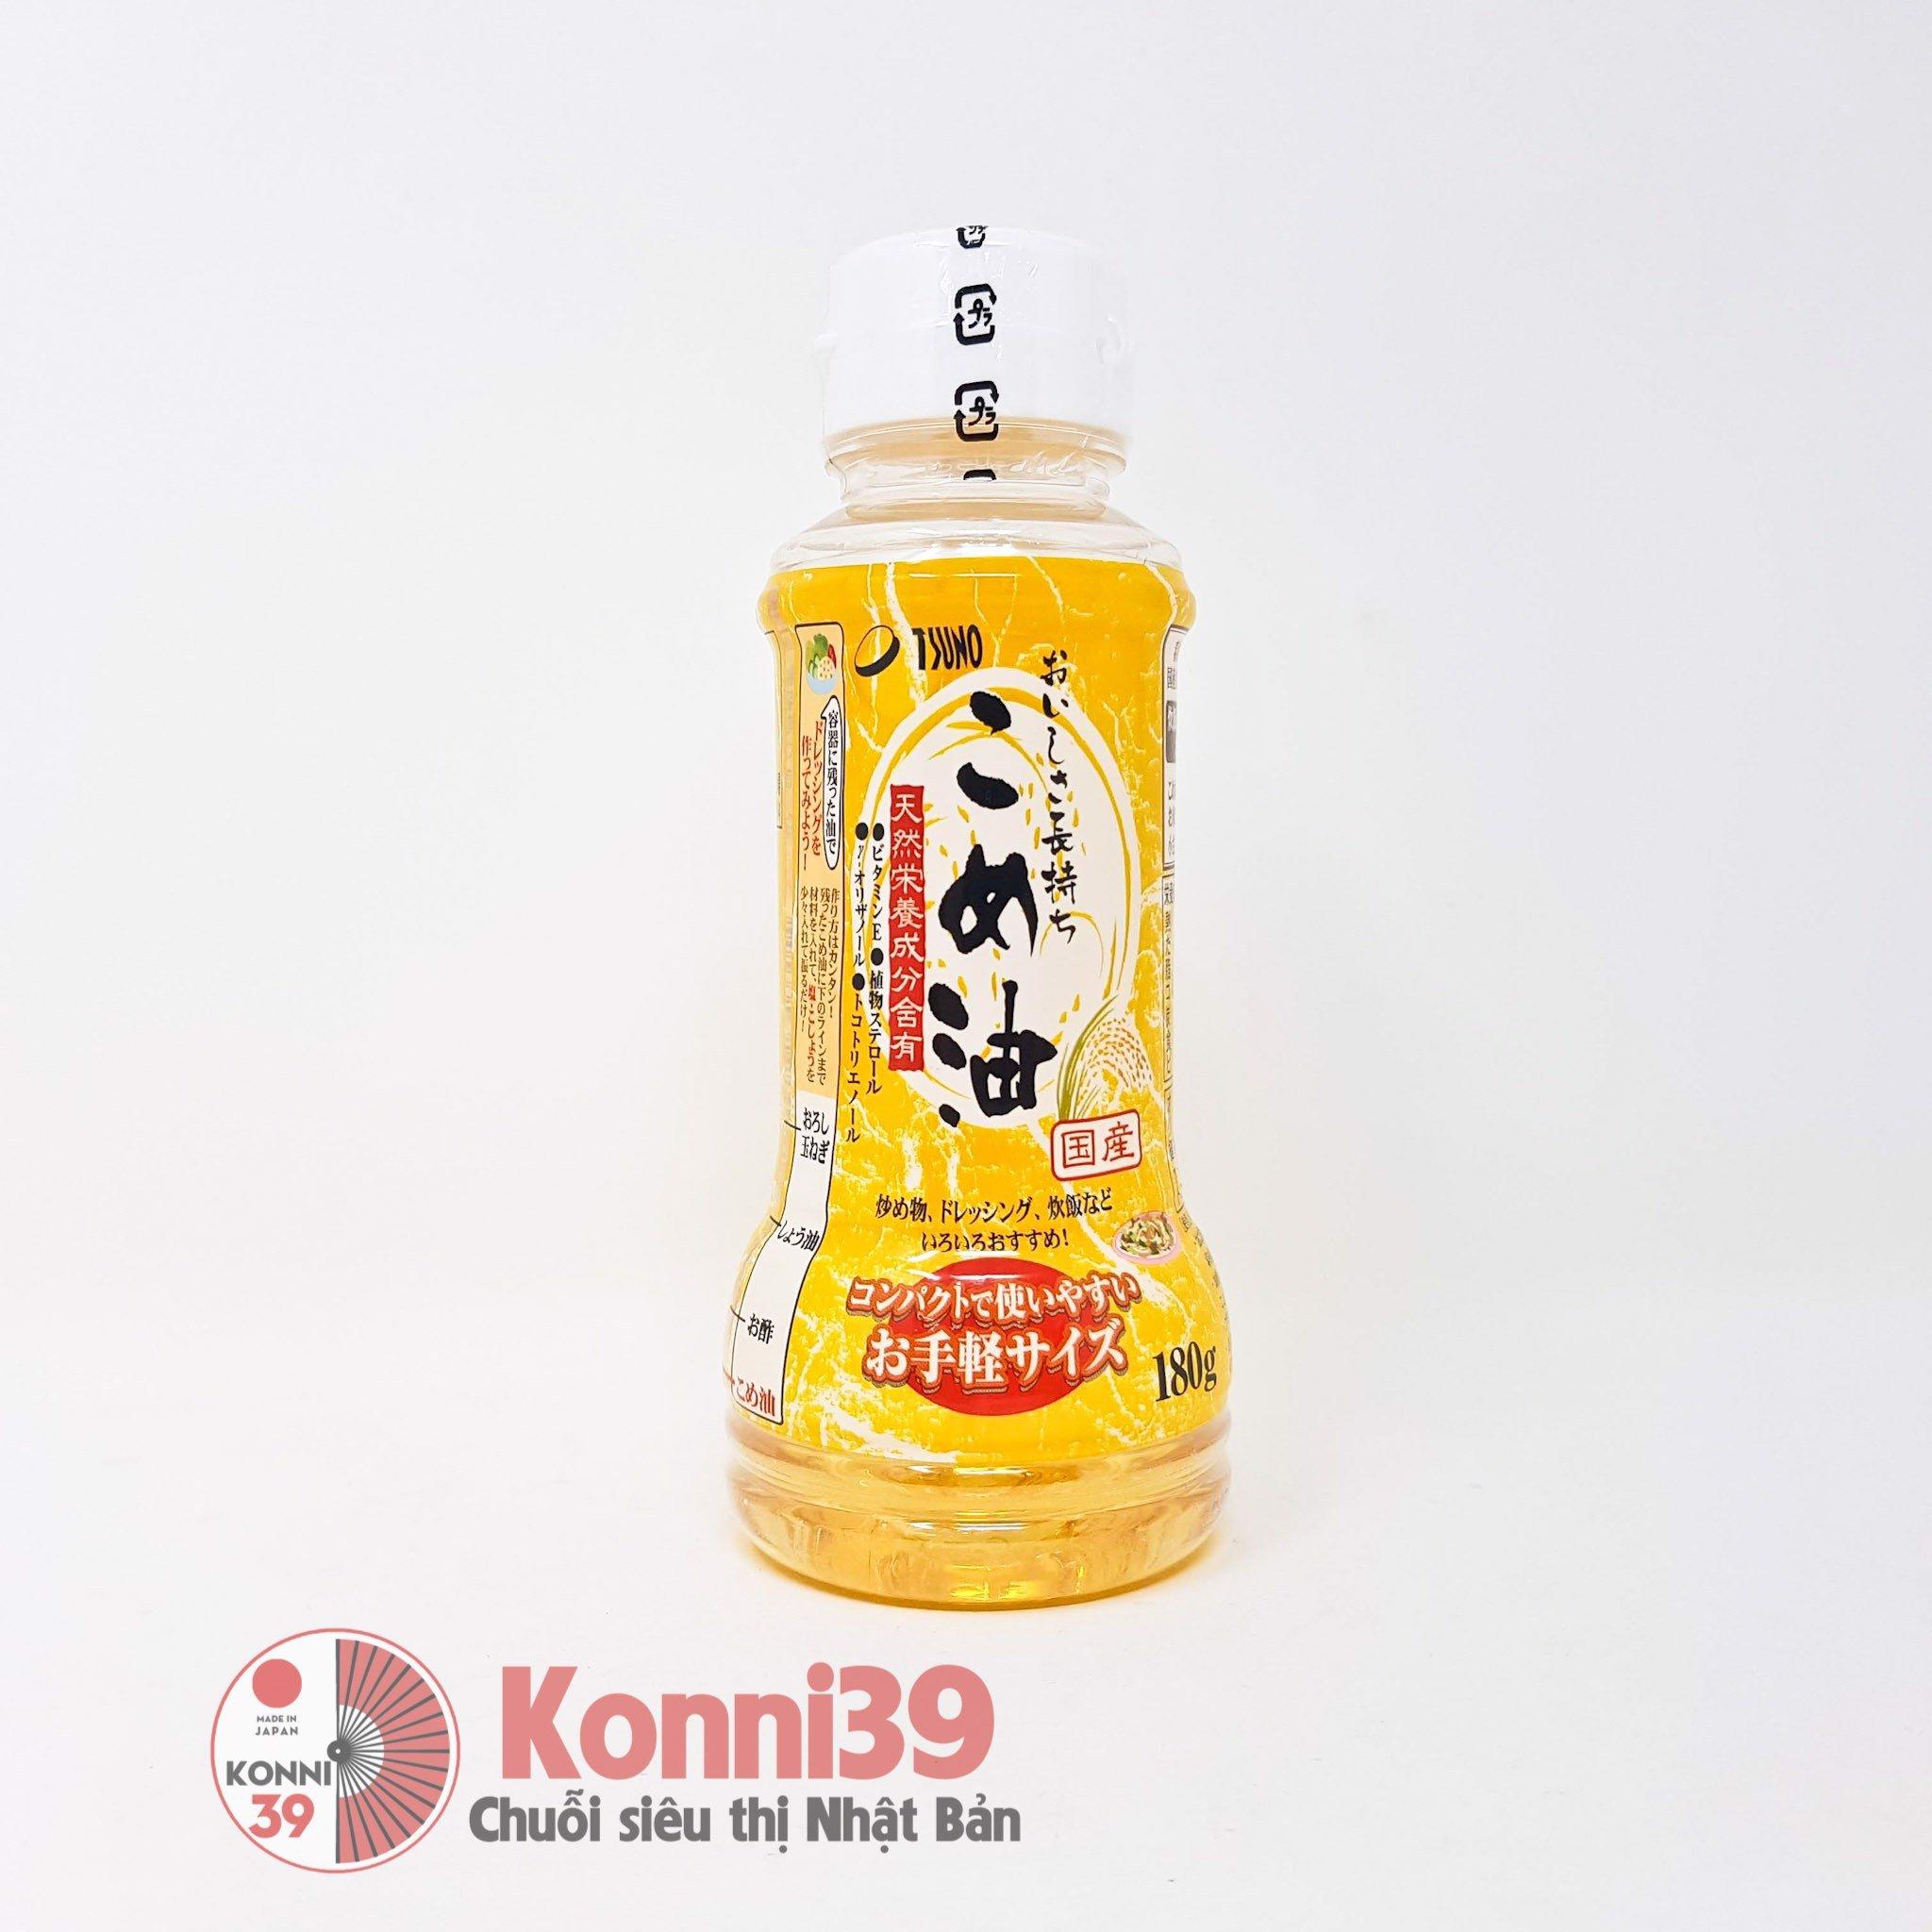 Dầu gạo nguyên chất cao cấp Tsuno 180g